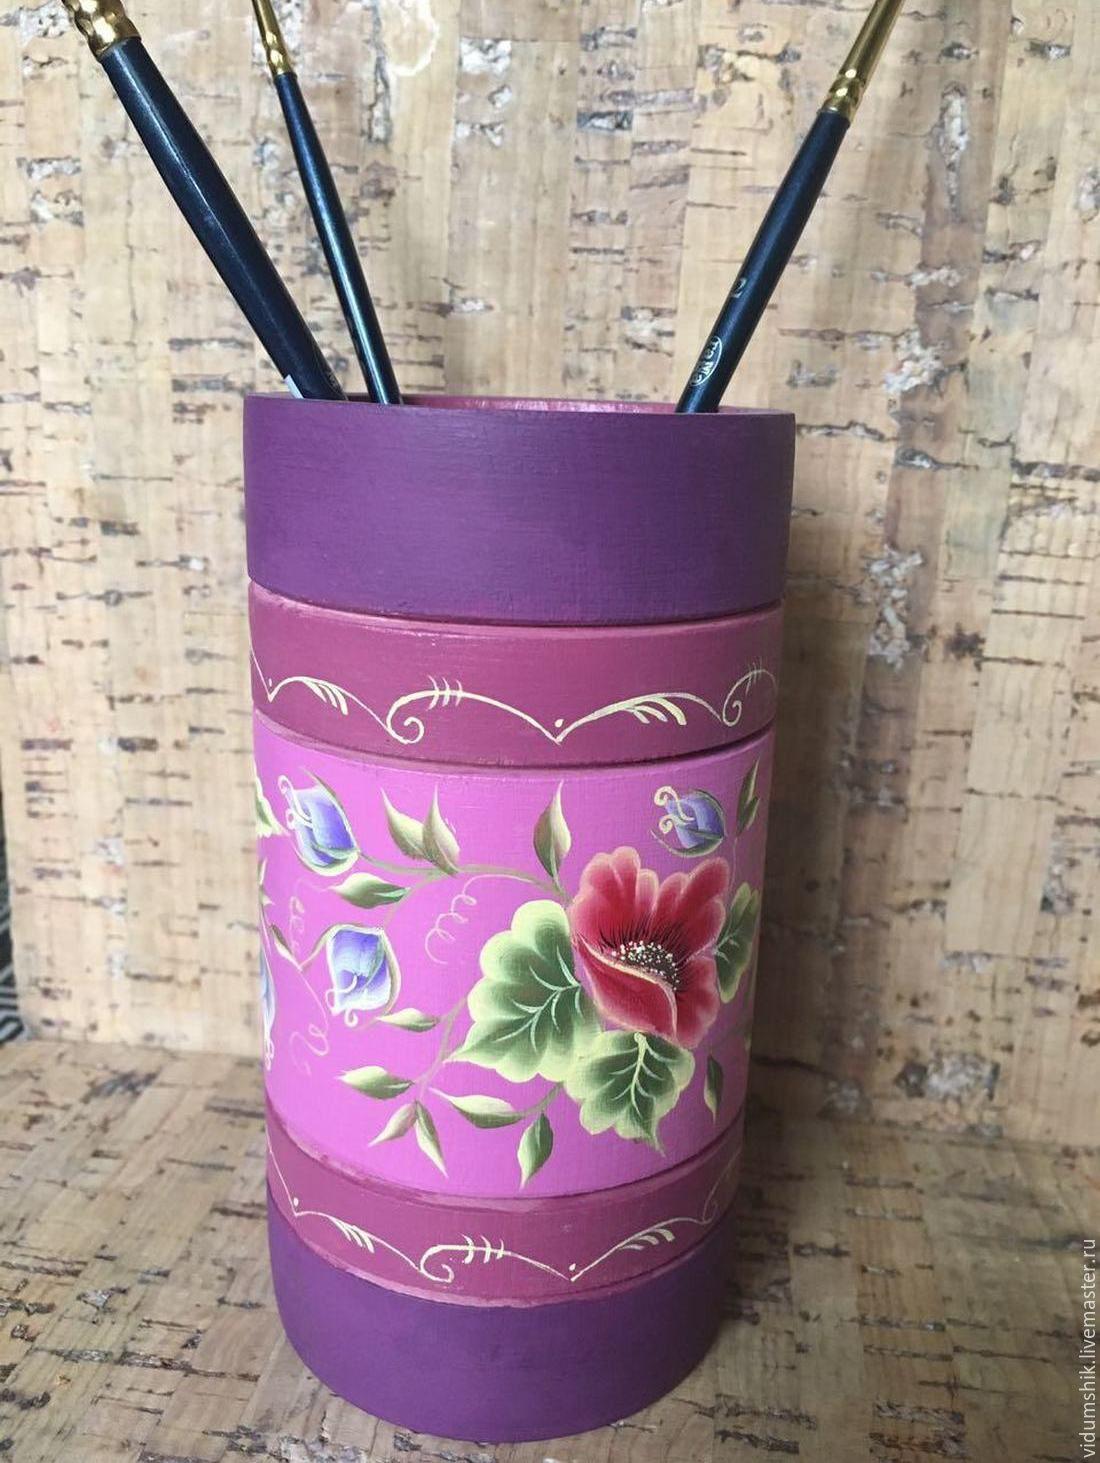 Карандашница ручная роспись, Карандашницы, Москва,  Фото №1